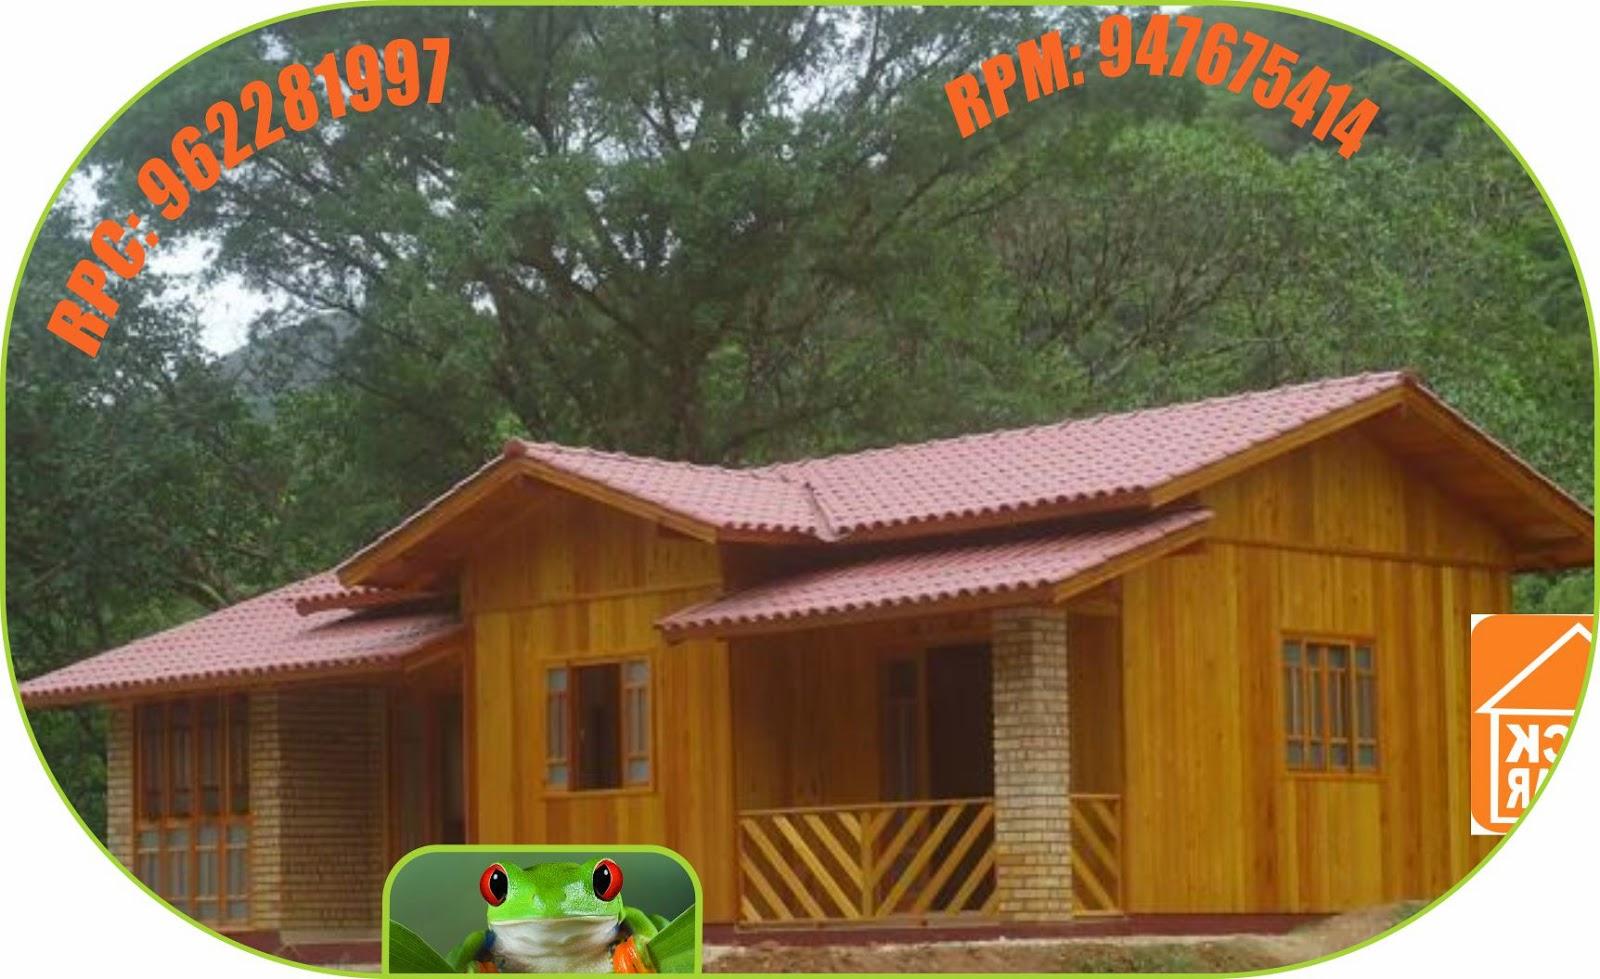 Caba as bungalows rusticos de madera club esparcimientos campestre en peru - Feria de casas prefabricadas ...